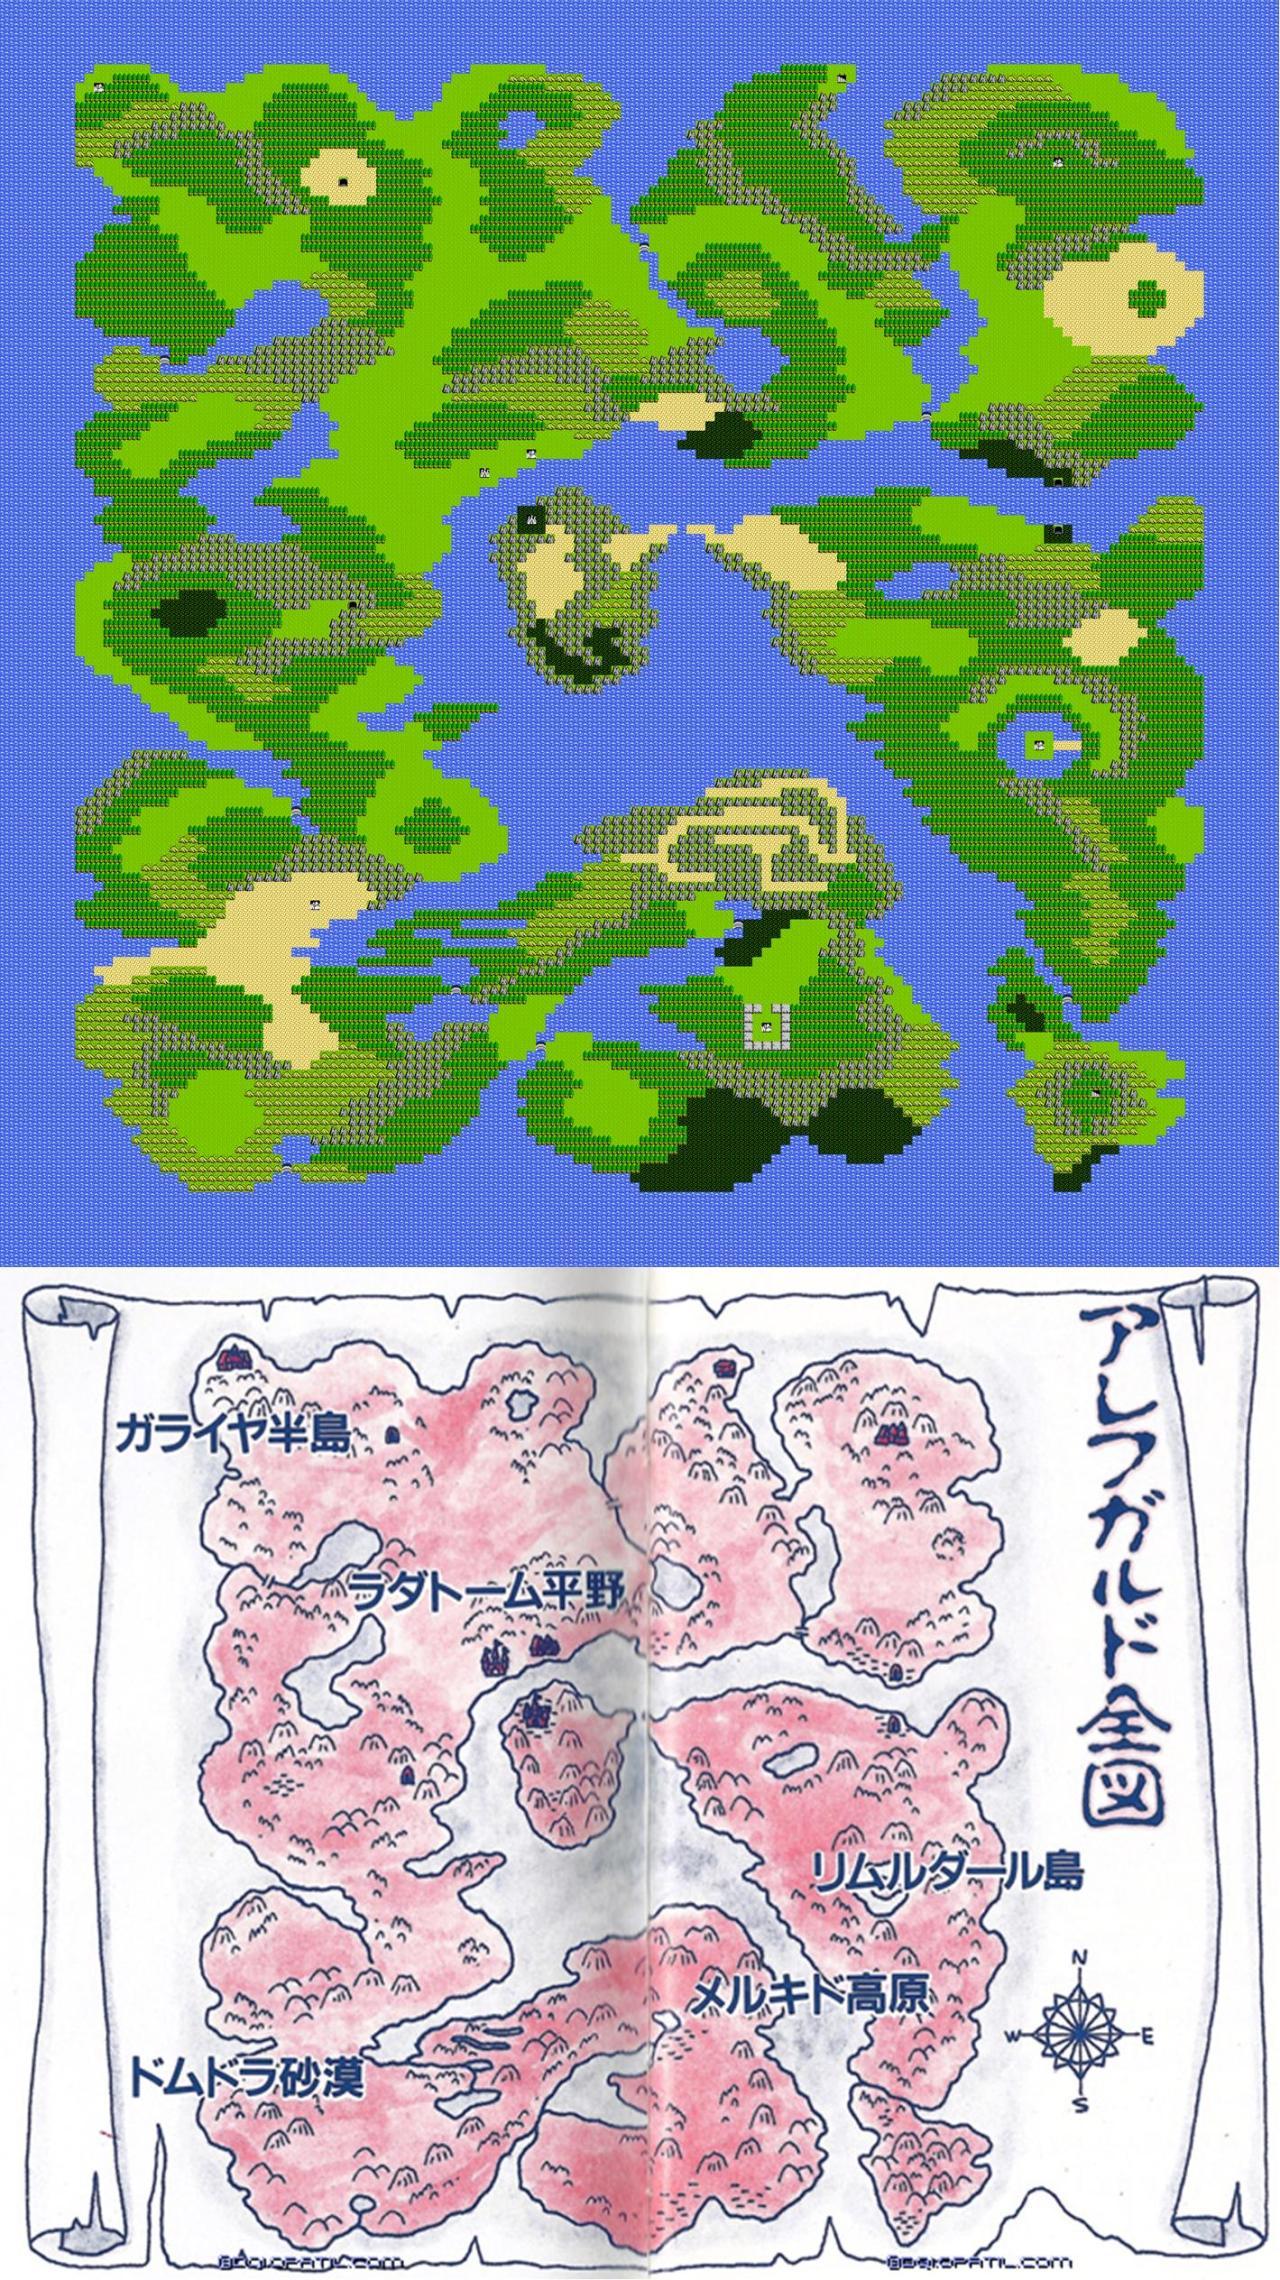 【総合】ドラクエ1 (初代) スレ Part30【DQ1/ドラゴンクエスト1】 YouTube動画>1本 ->画像>21枚